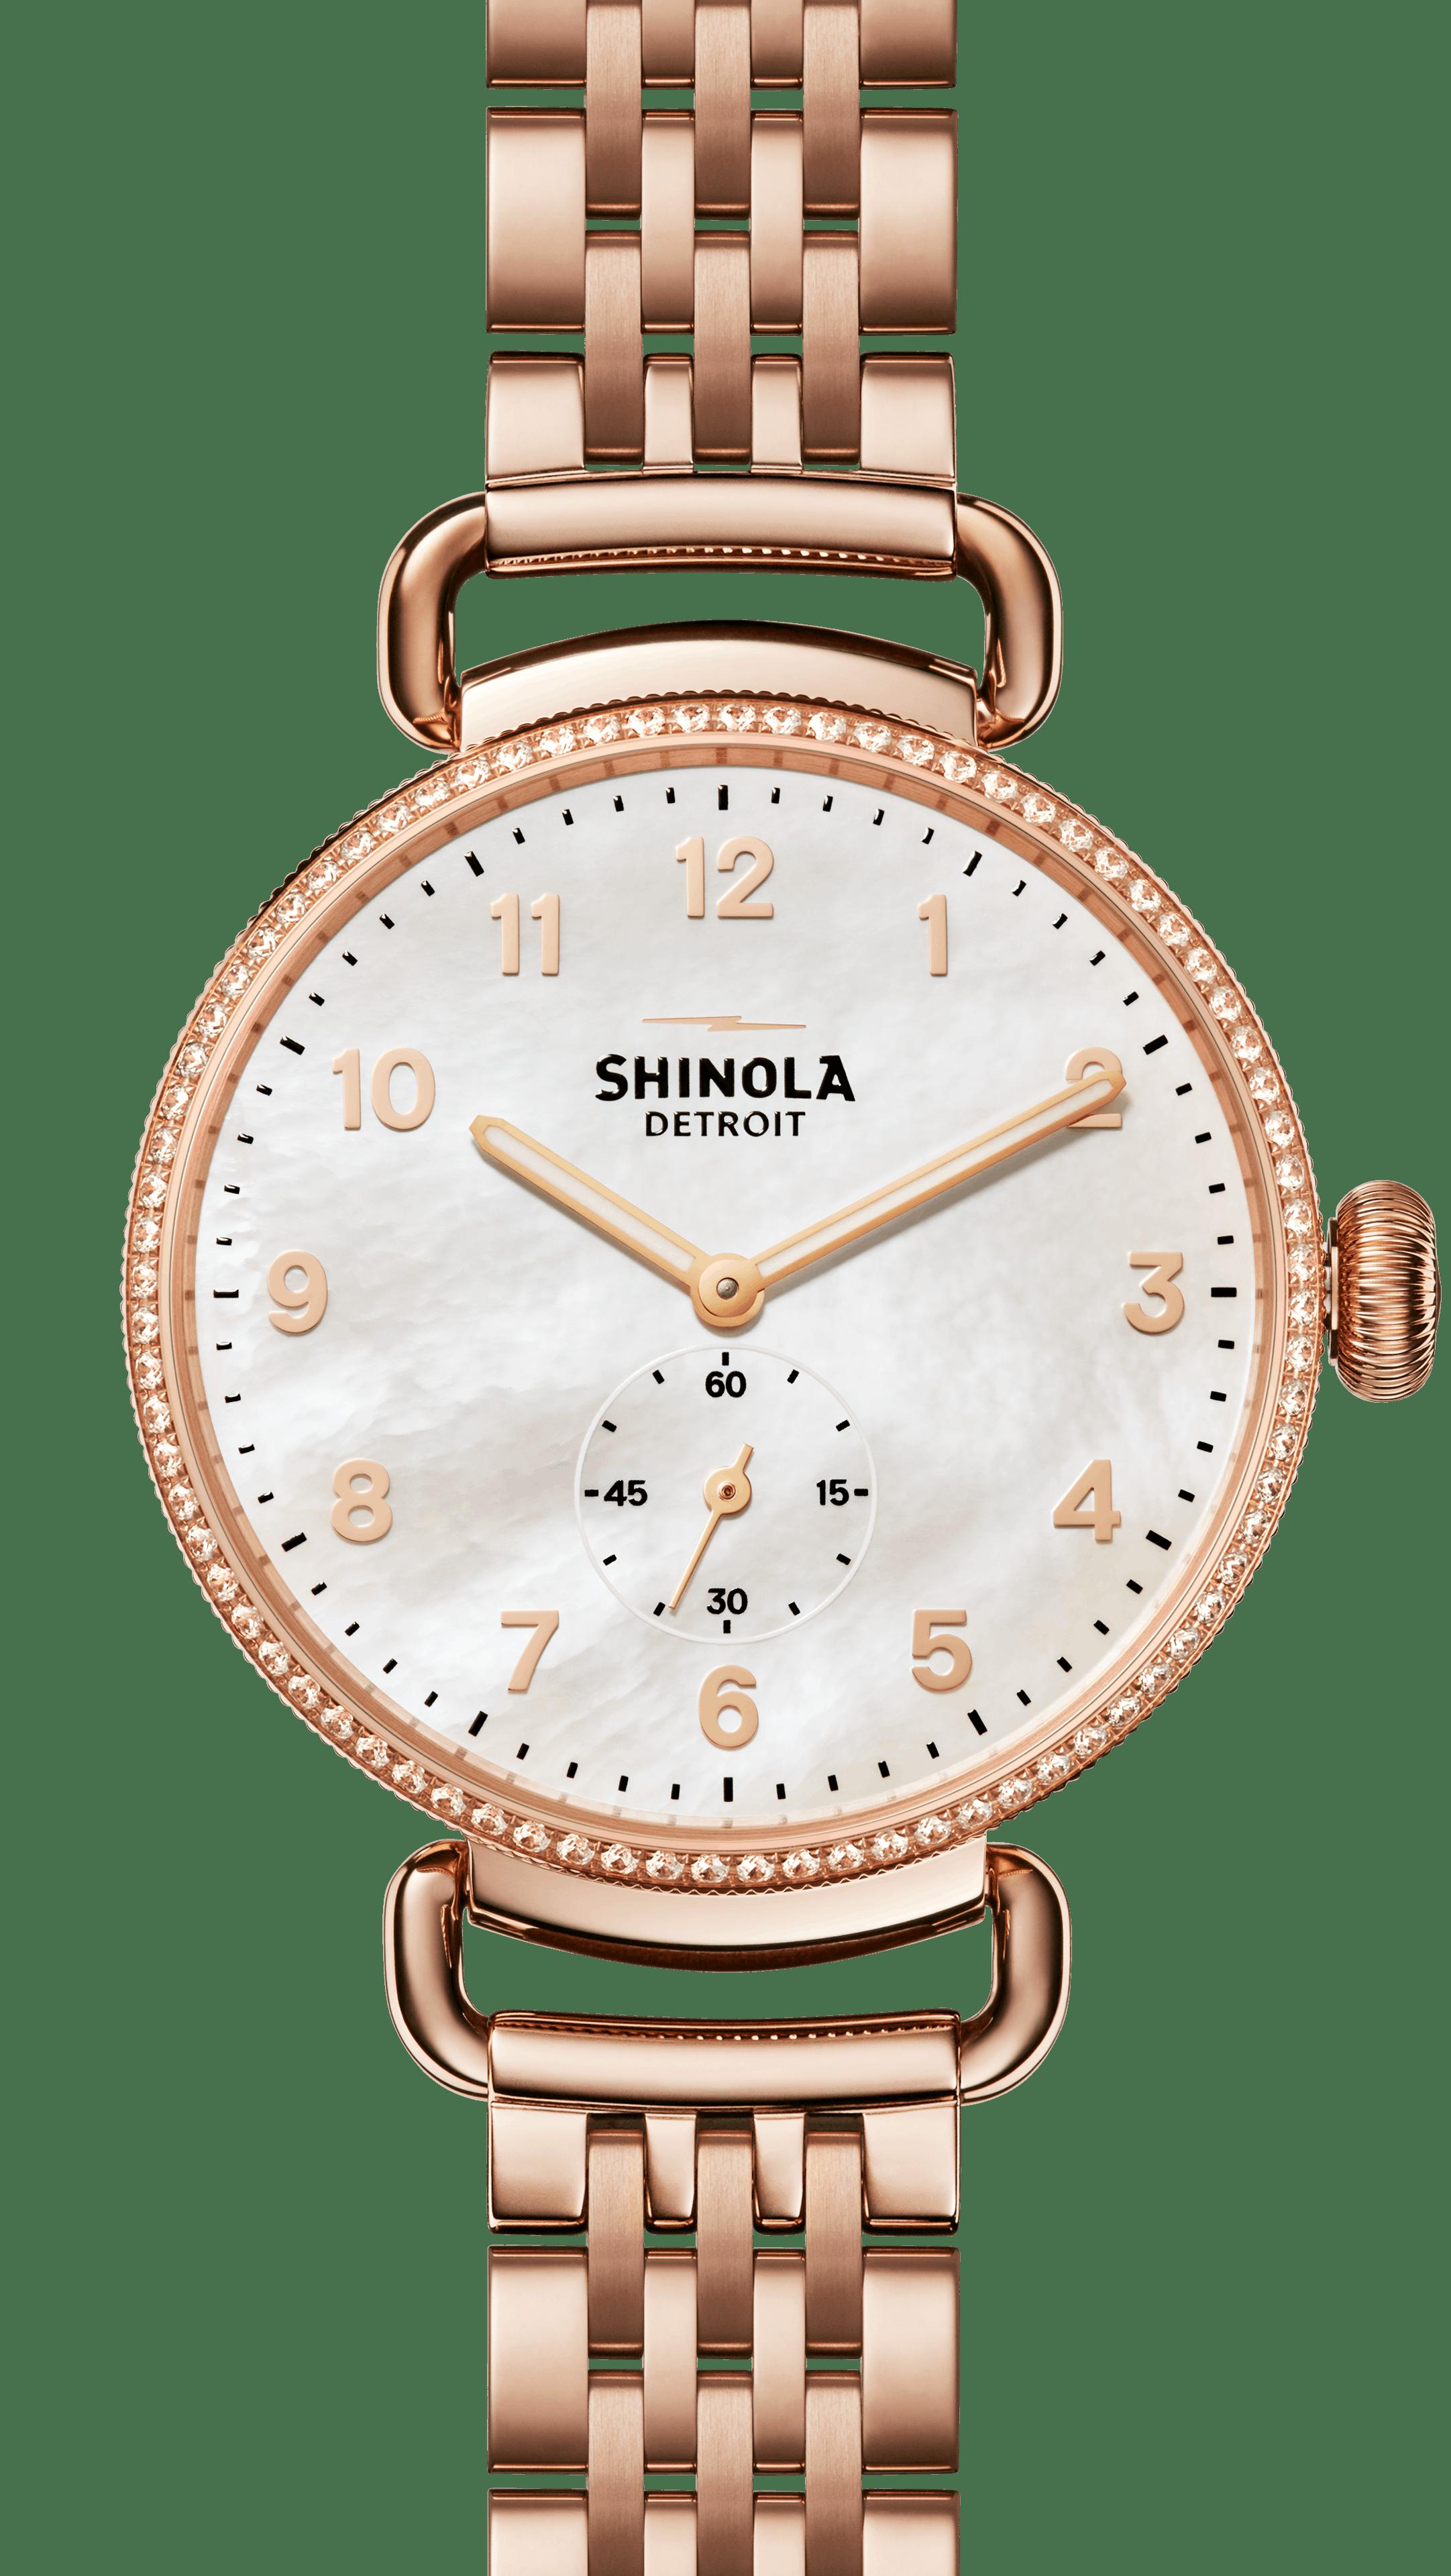 Shinola | Shinola Watch Quality | Shinola Watch